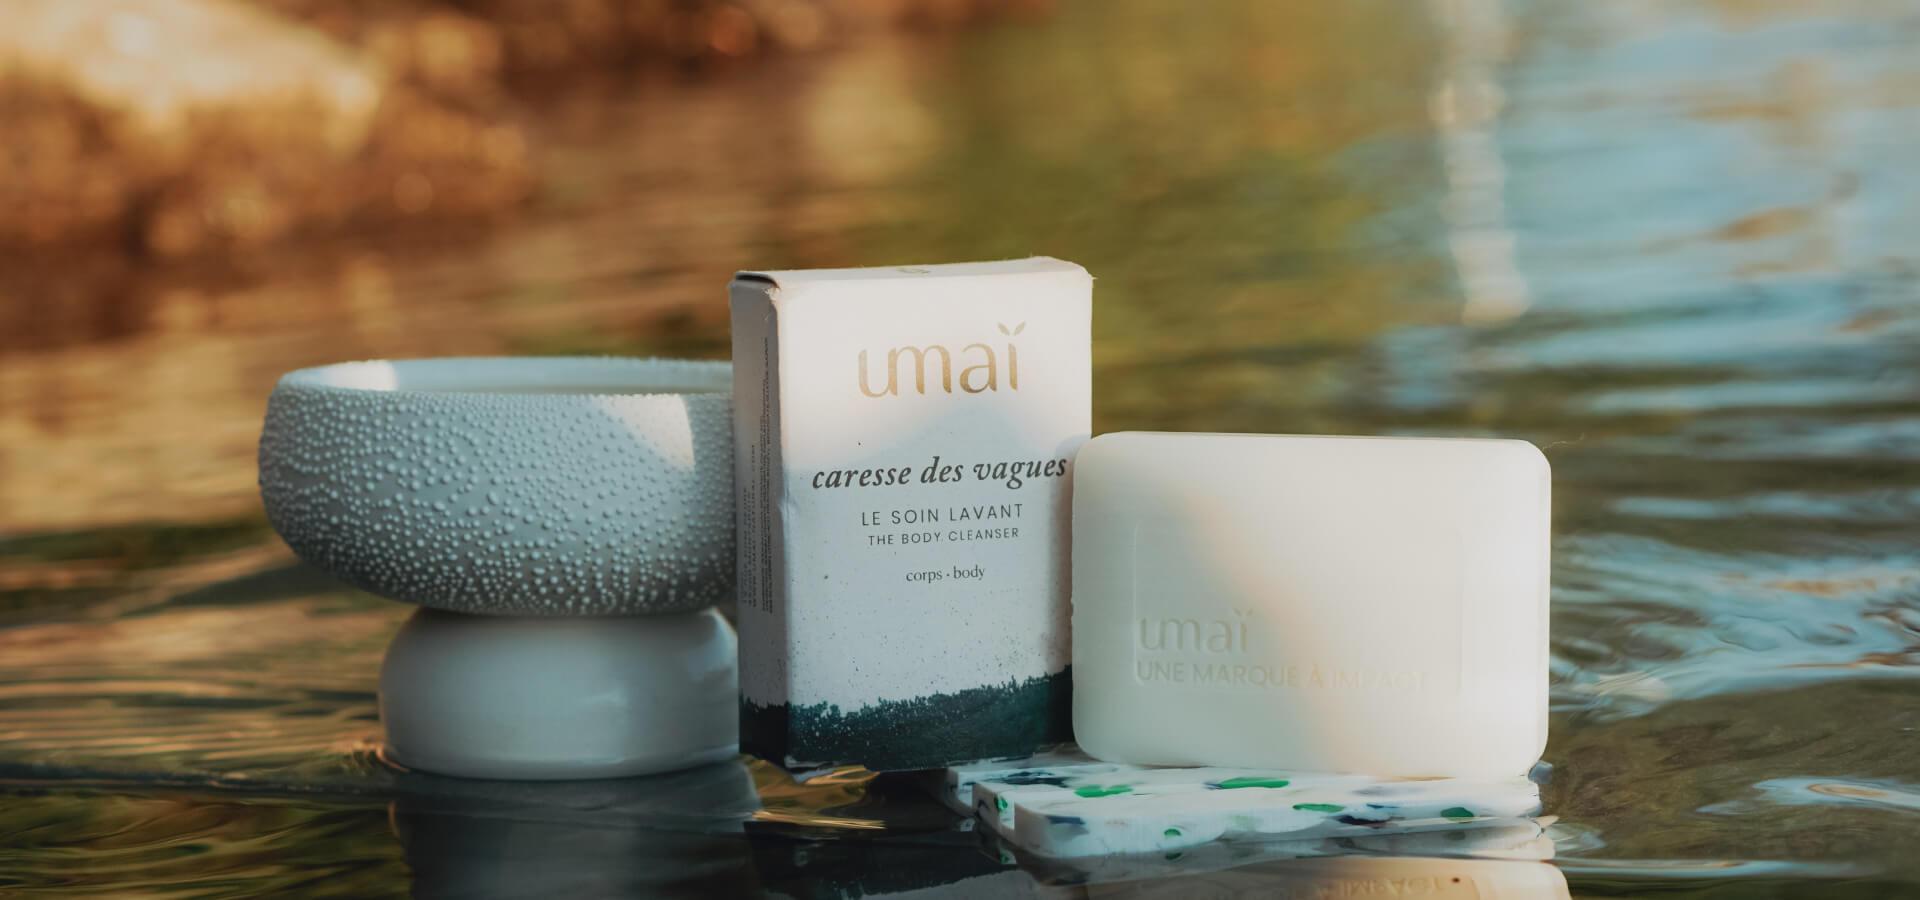 Photo d'un savon posé sur l'eau de la marque Umaï.